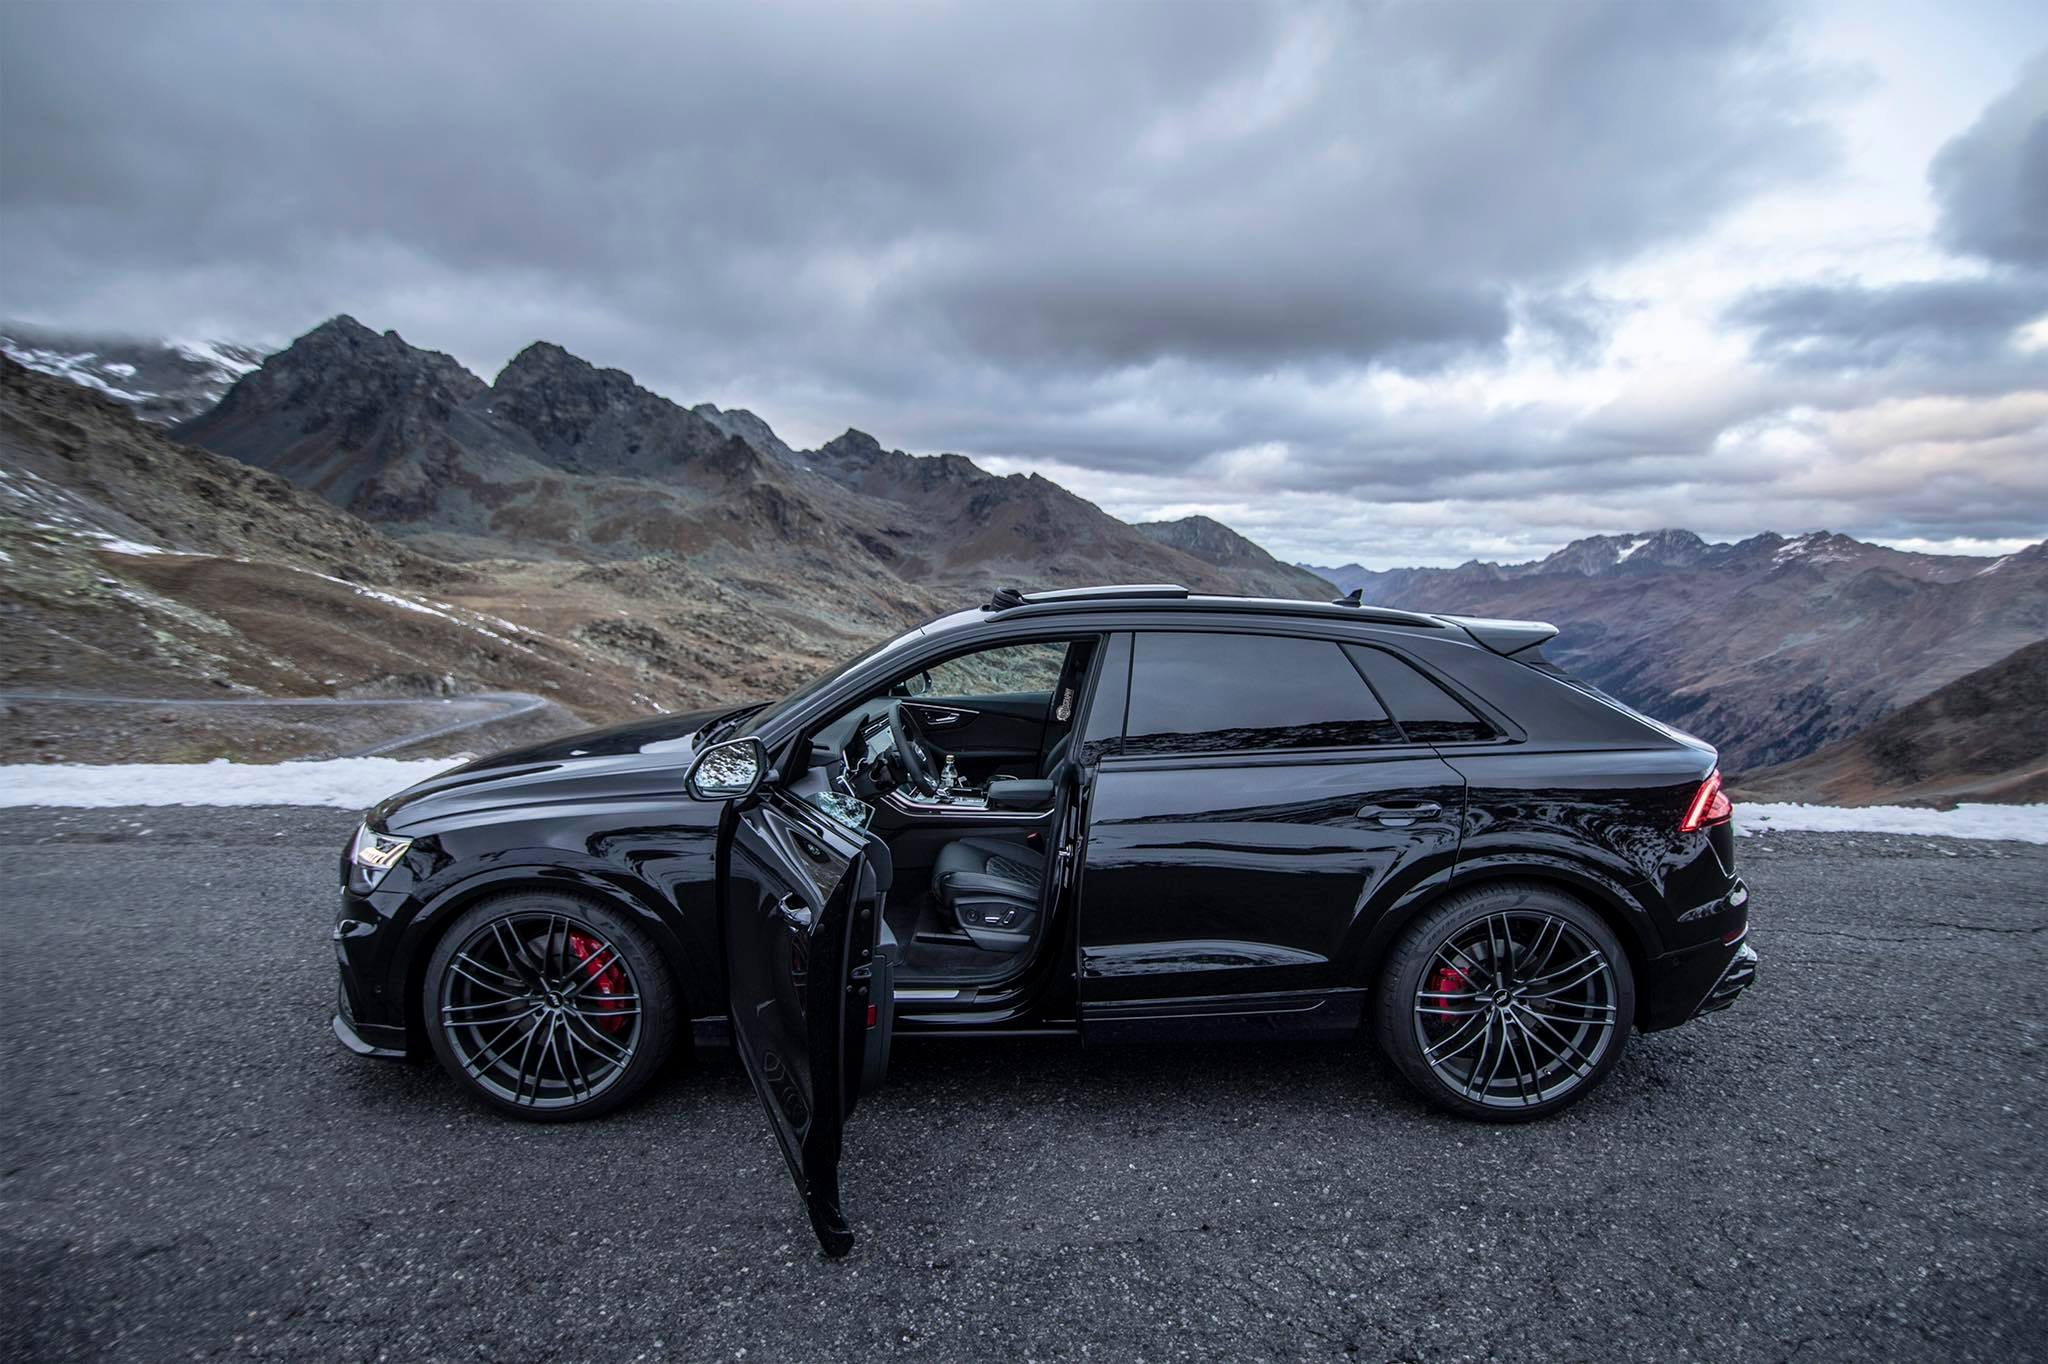 ABT stopt 520pk en 970 Nm koppel in Audi SQ8 3